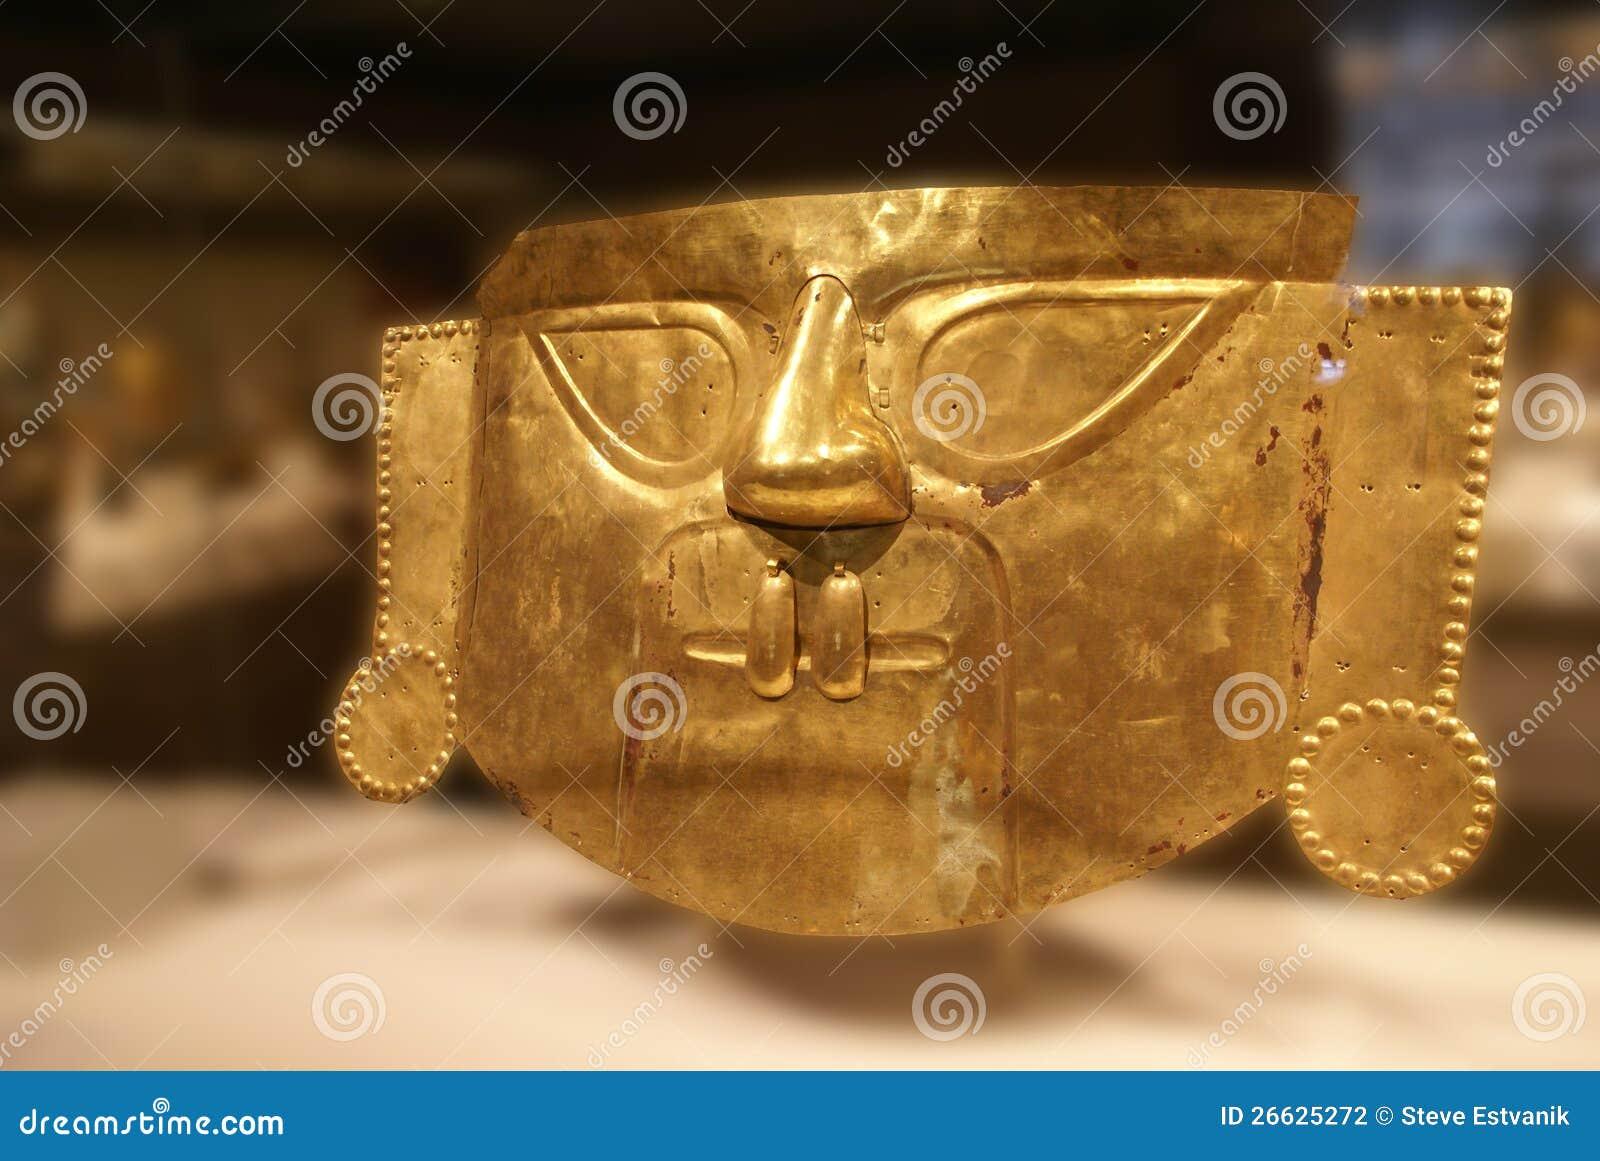 Masque funéraire péruvien, or martelé du Pérou